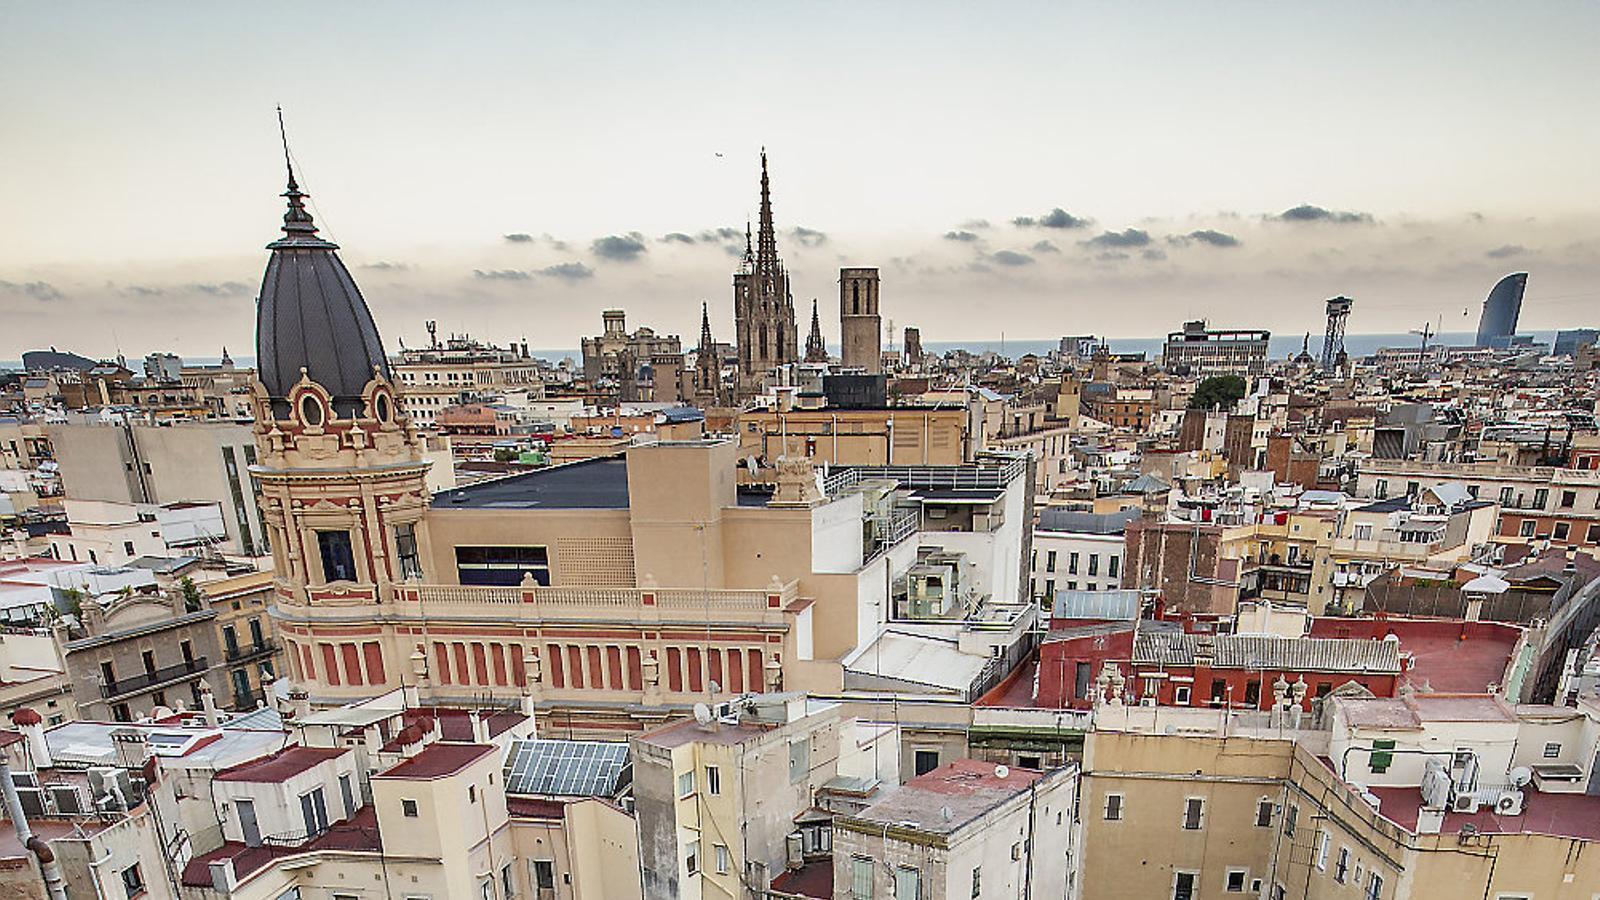 Vista zenital de l'església de Santa Anna, al centre de Barcelona, amagada pels edificis moderns.